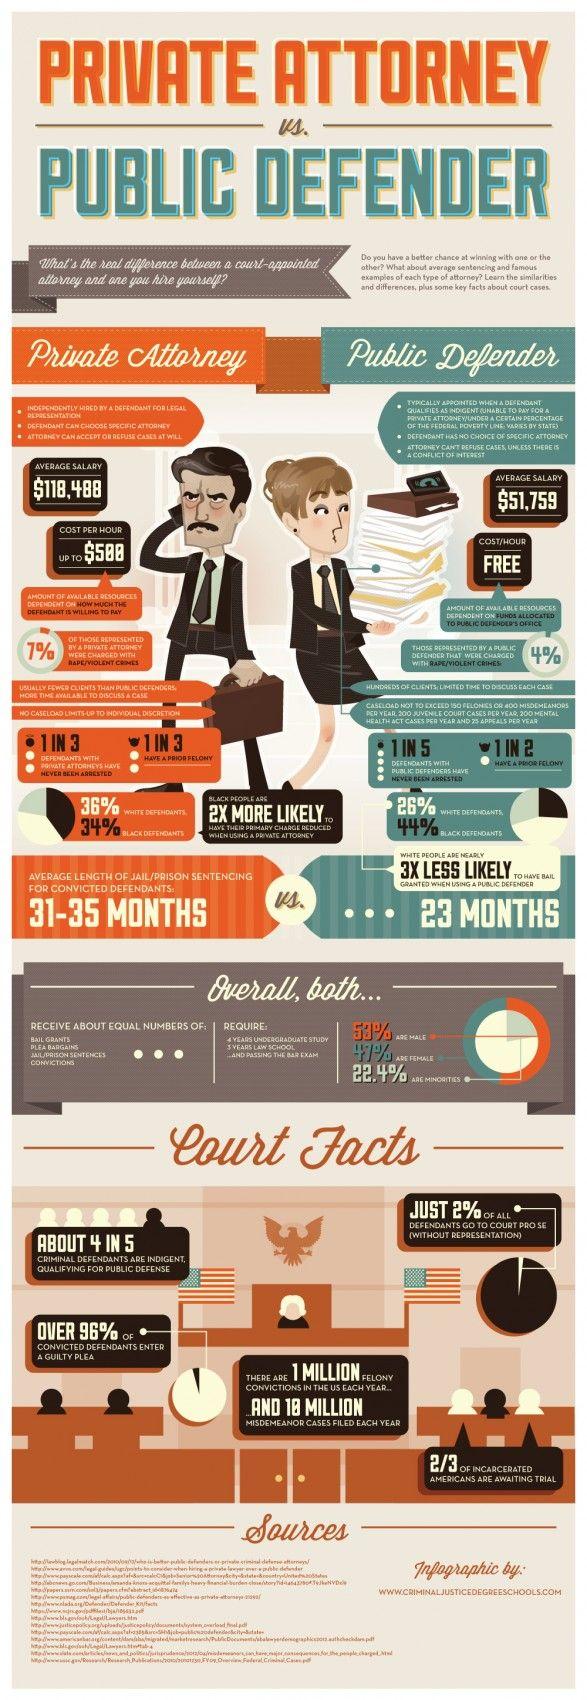 INFOGRAPHIC: Private Attorney vs. Public Defender  http://visual.ly/private-attorney-vs-public-defender